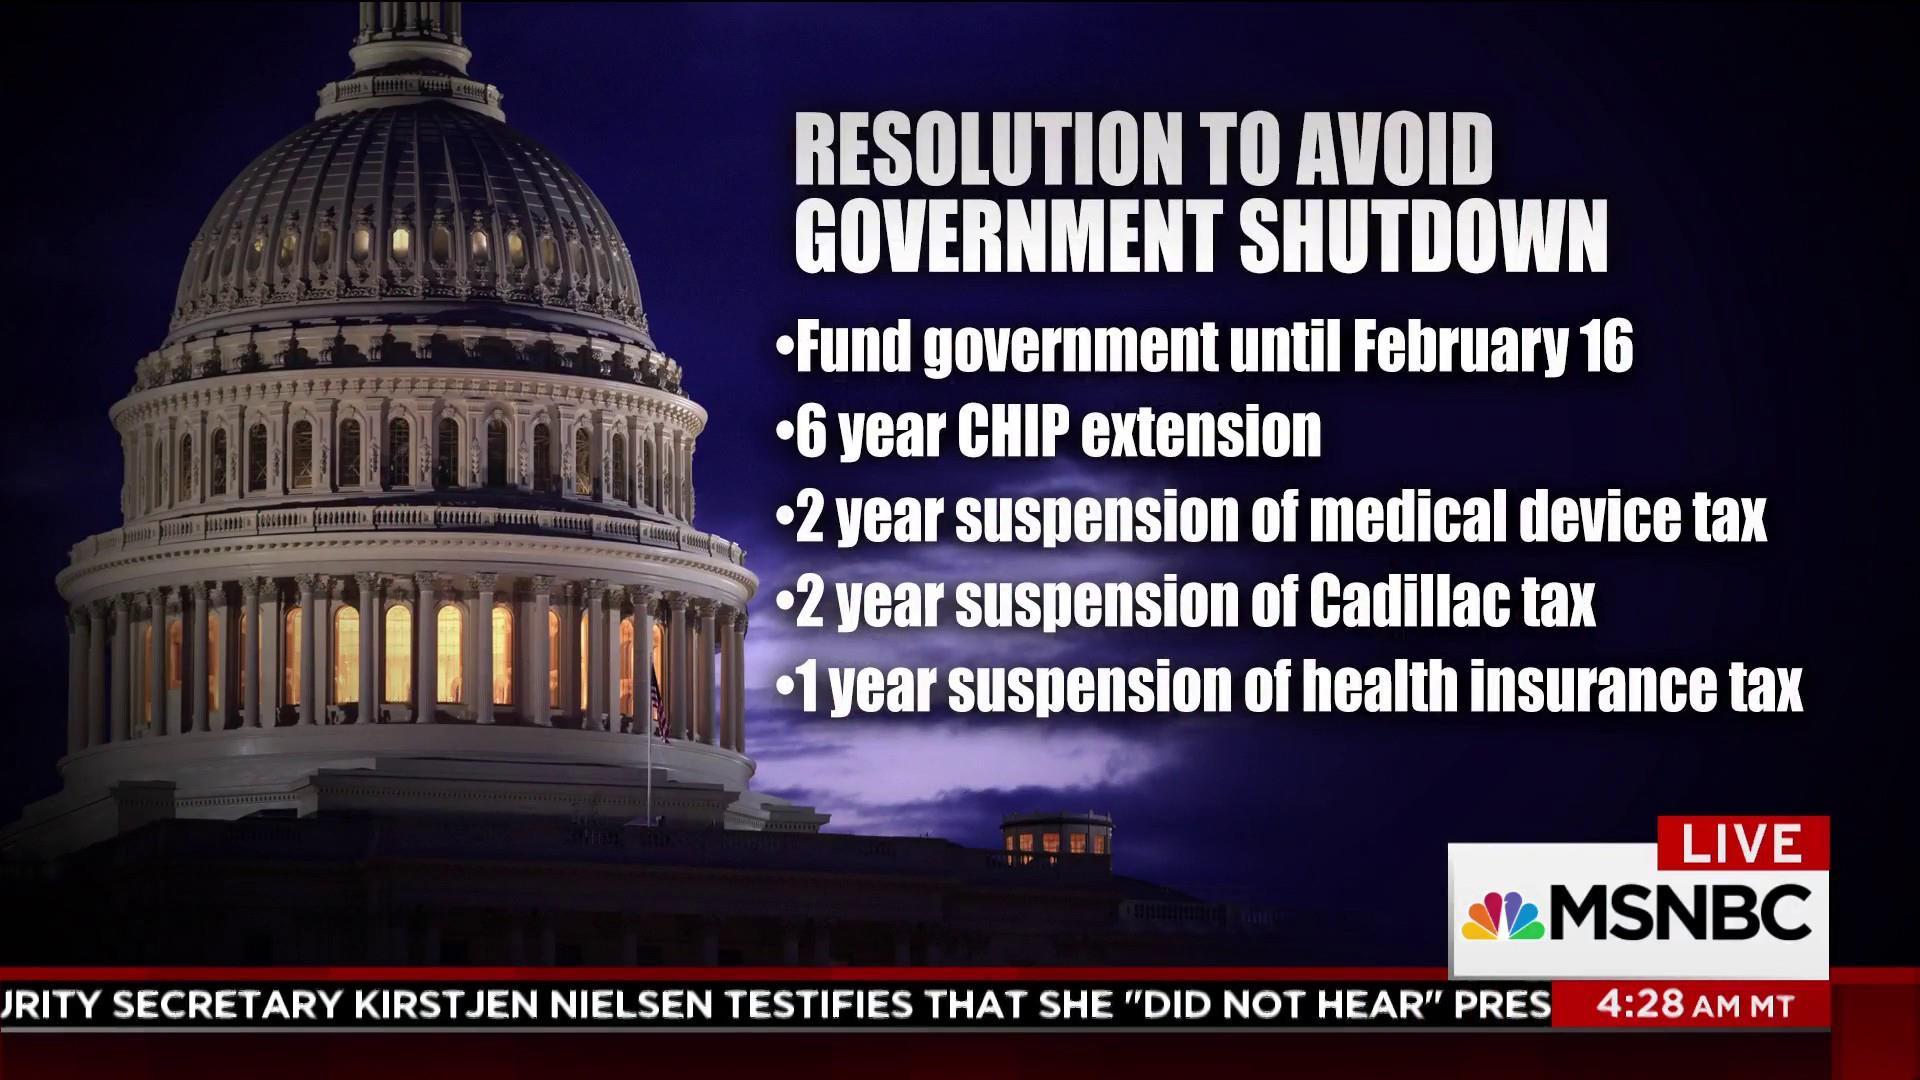 govt shutdown4.jpg